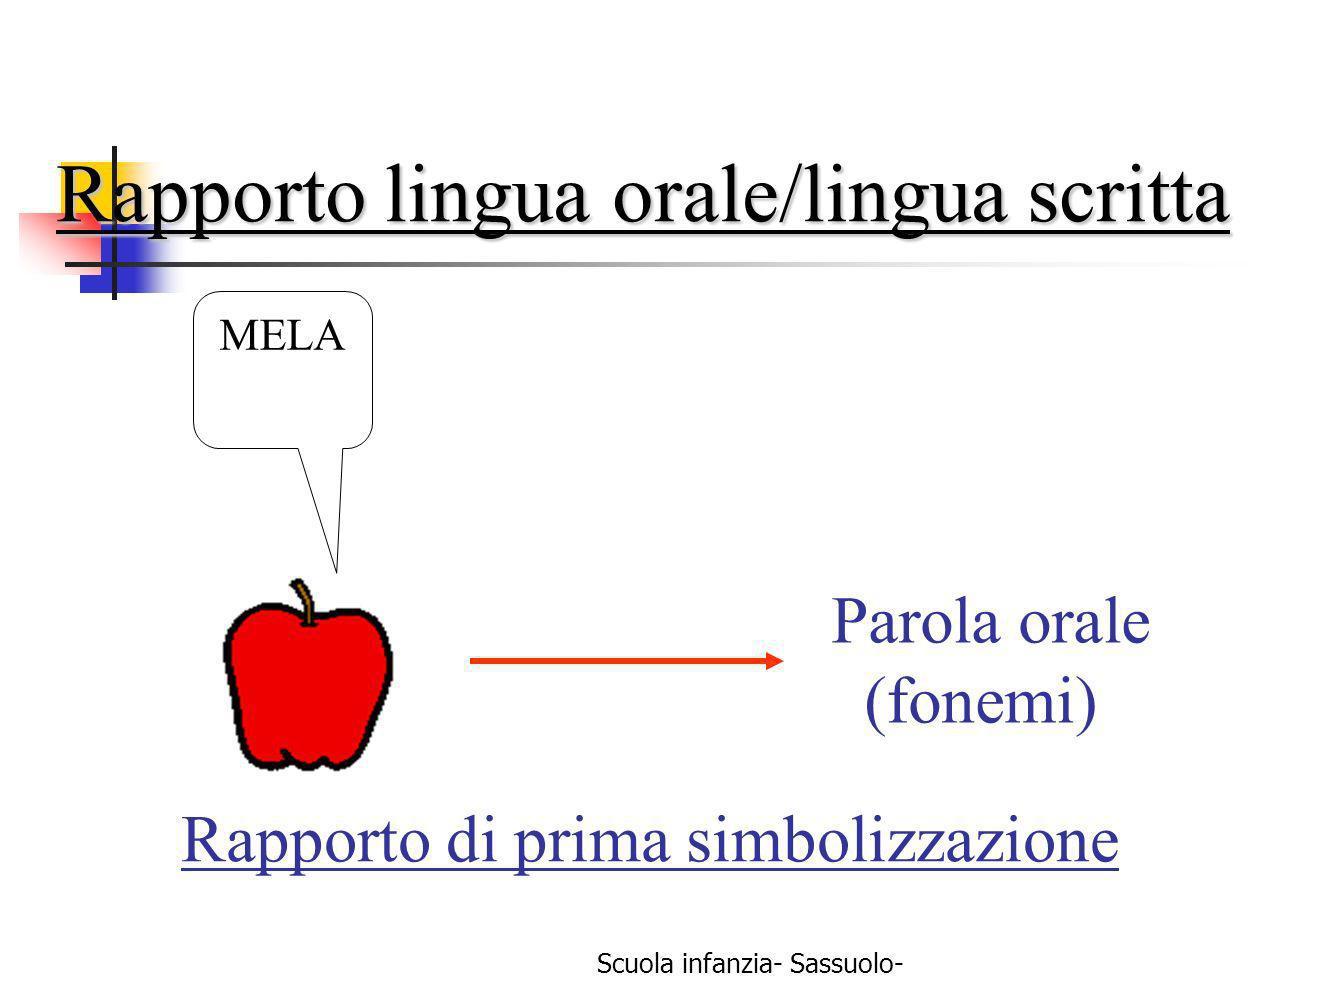 Scuola infanzia- Sassuolo- Rapporto di prima simbolizzazione Parola orale (fonemi) MELA Rapporto lingua orale/lingua scritta